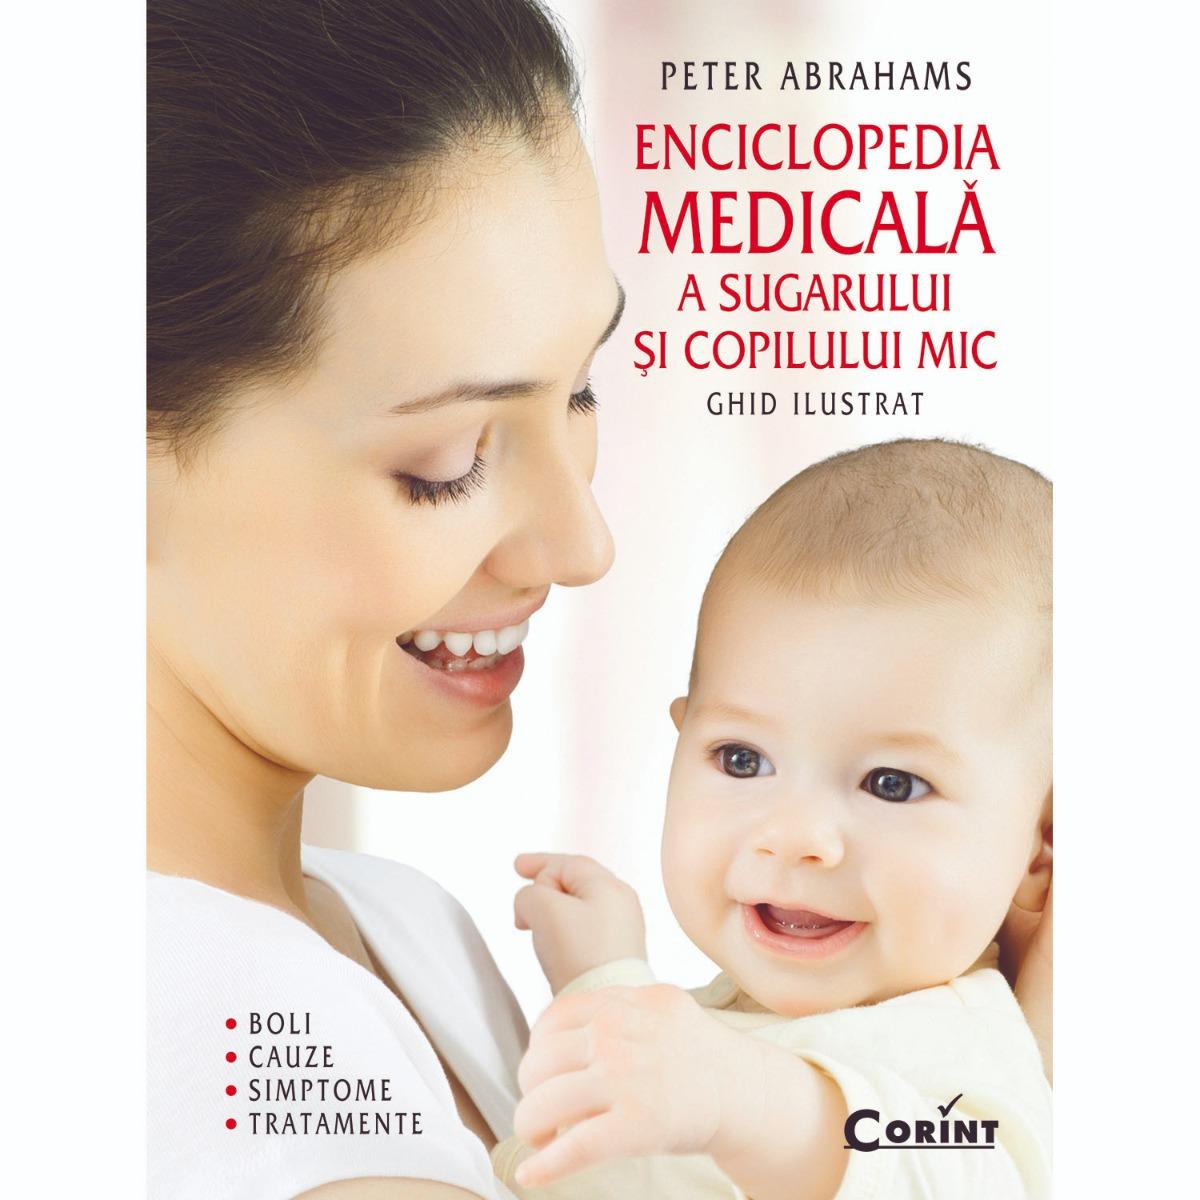 Carte Editura Corint, Enciclopedia Medicala A Sugarului Si Copilului Mic, Peter Abrahams